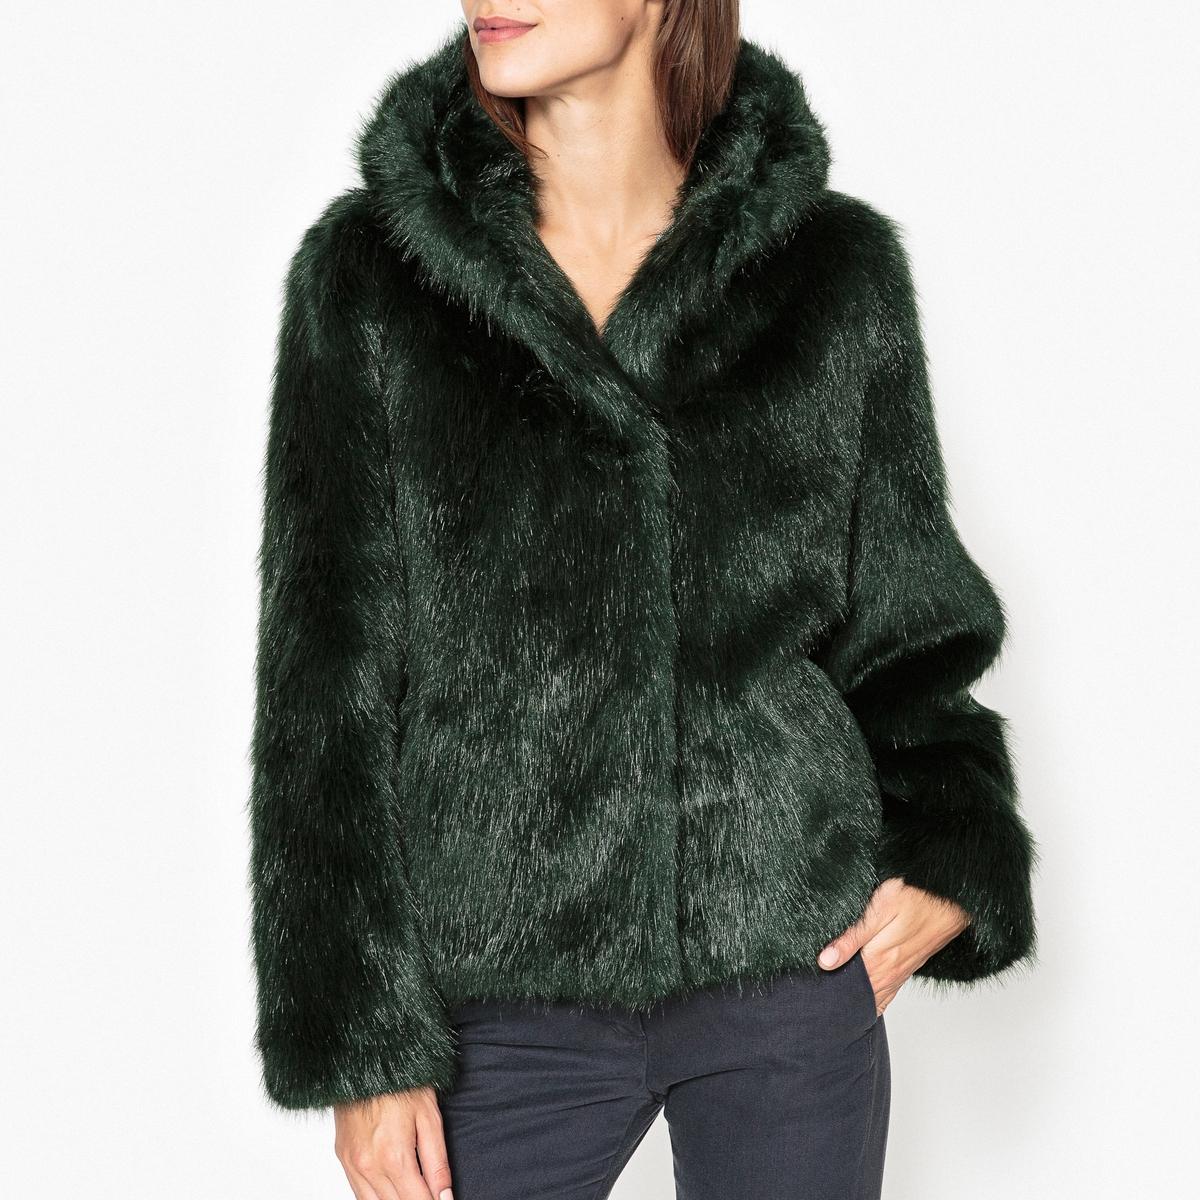 Пальто укороченное с капюшоном с эффектом меха ELECTRO пальто двухцветное с твидовым эффектом с капюшоном